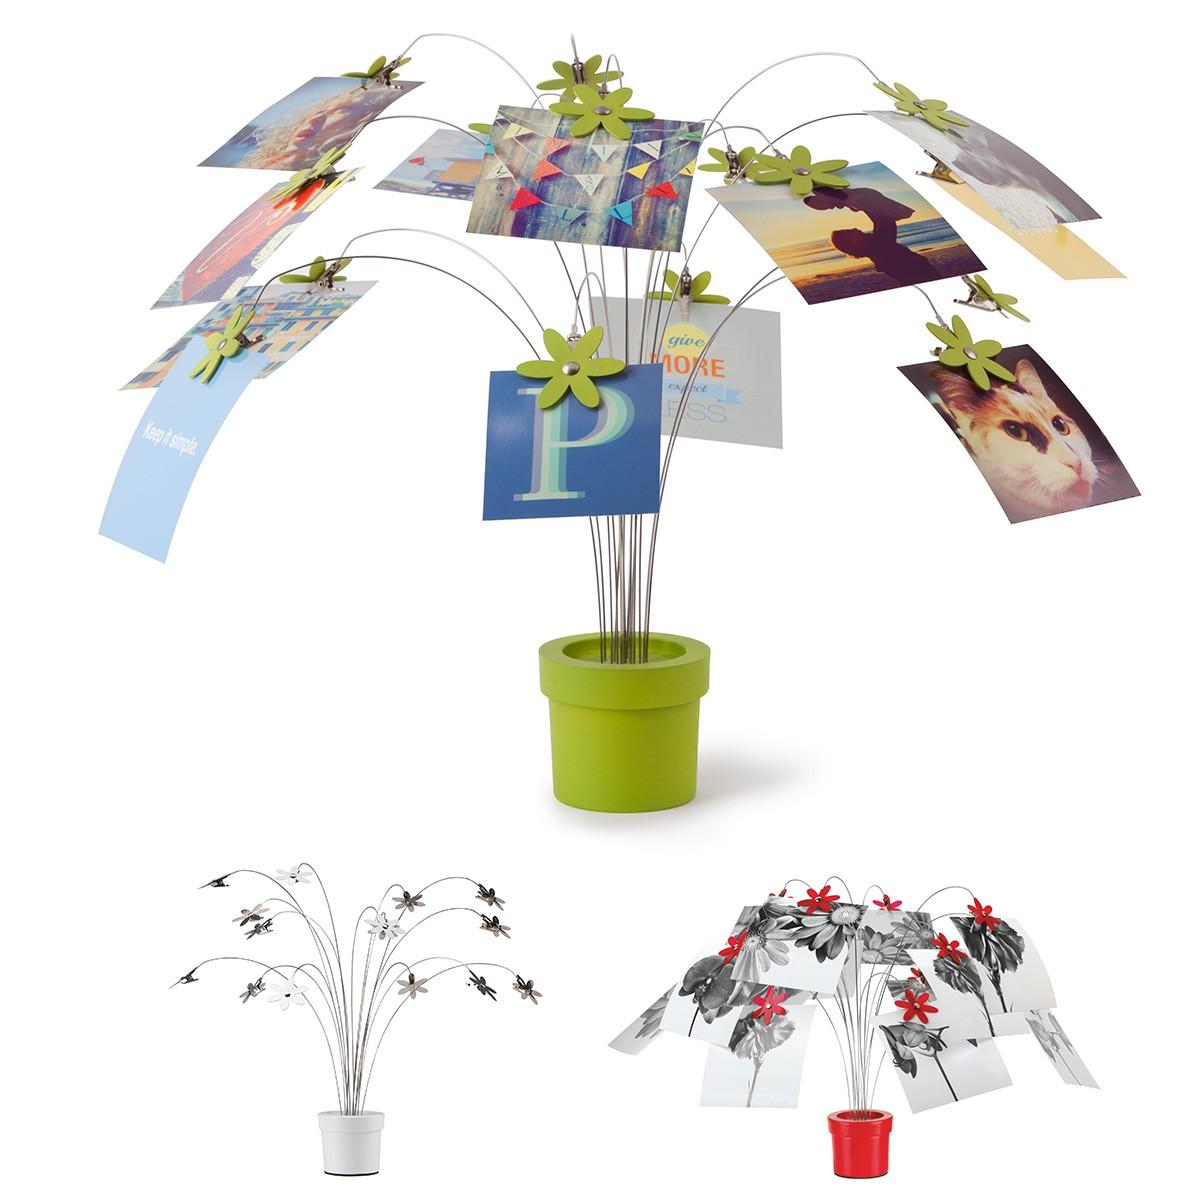 Fotoroślina - stojak na zdjęcia